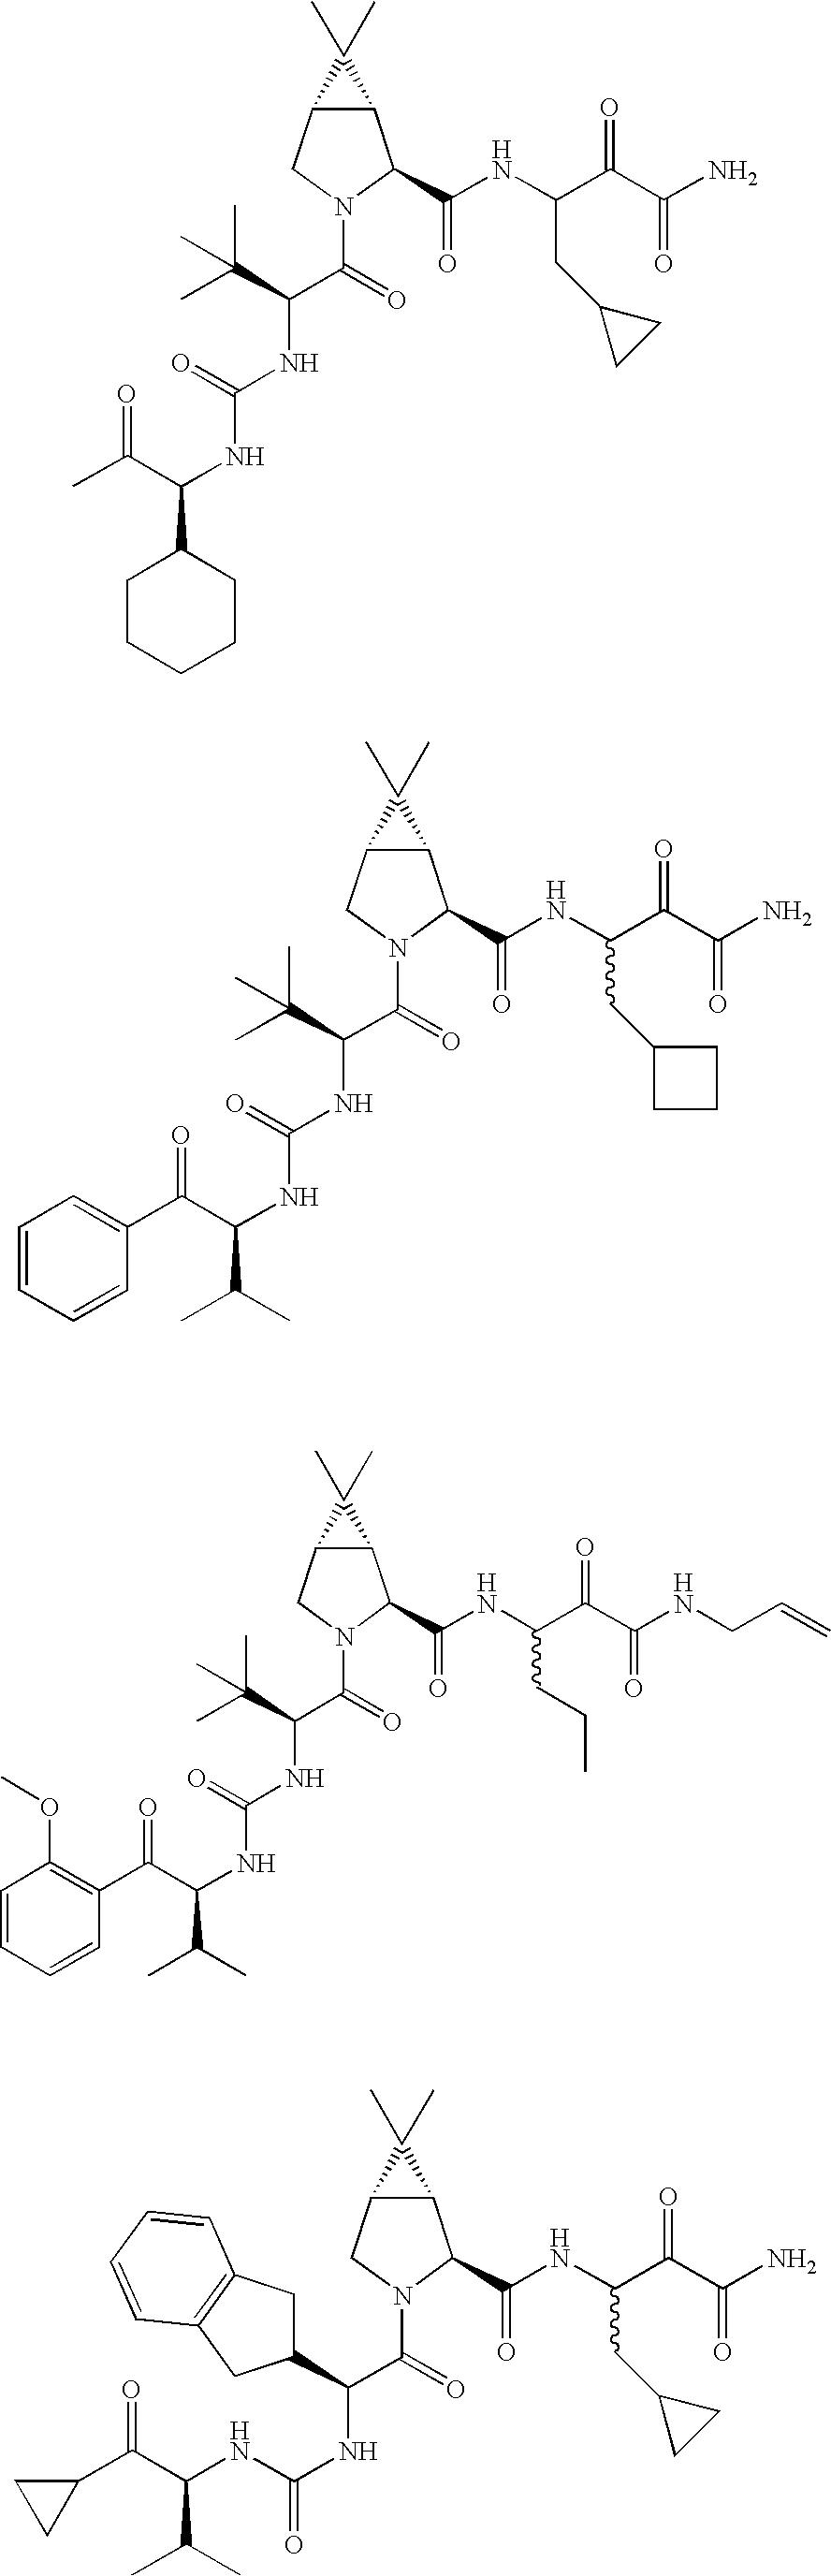 Figure US20060287248A1-20061221-C00227